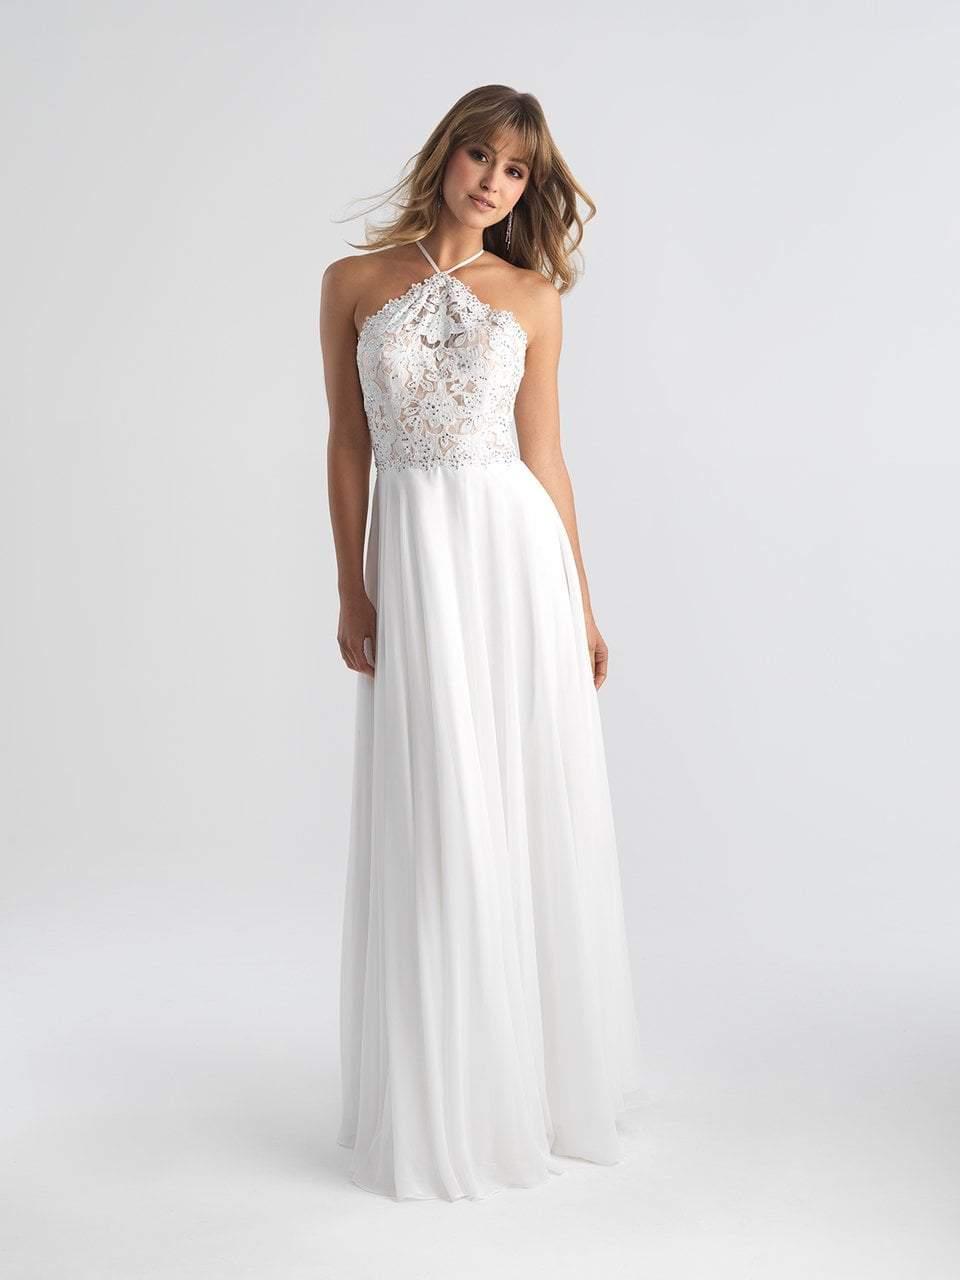 Madison James - 18-653 Floral Appliqued Halter Evening Dress